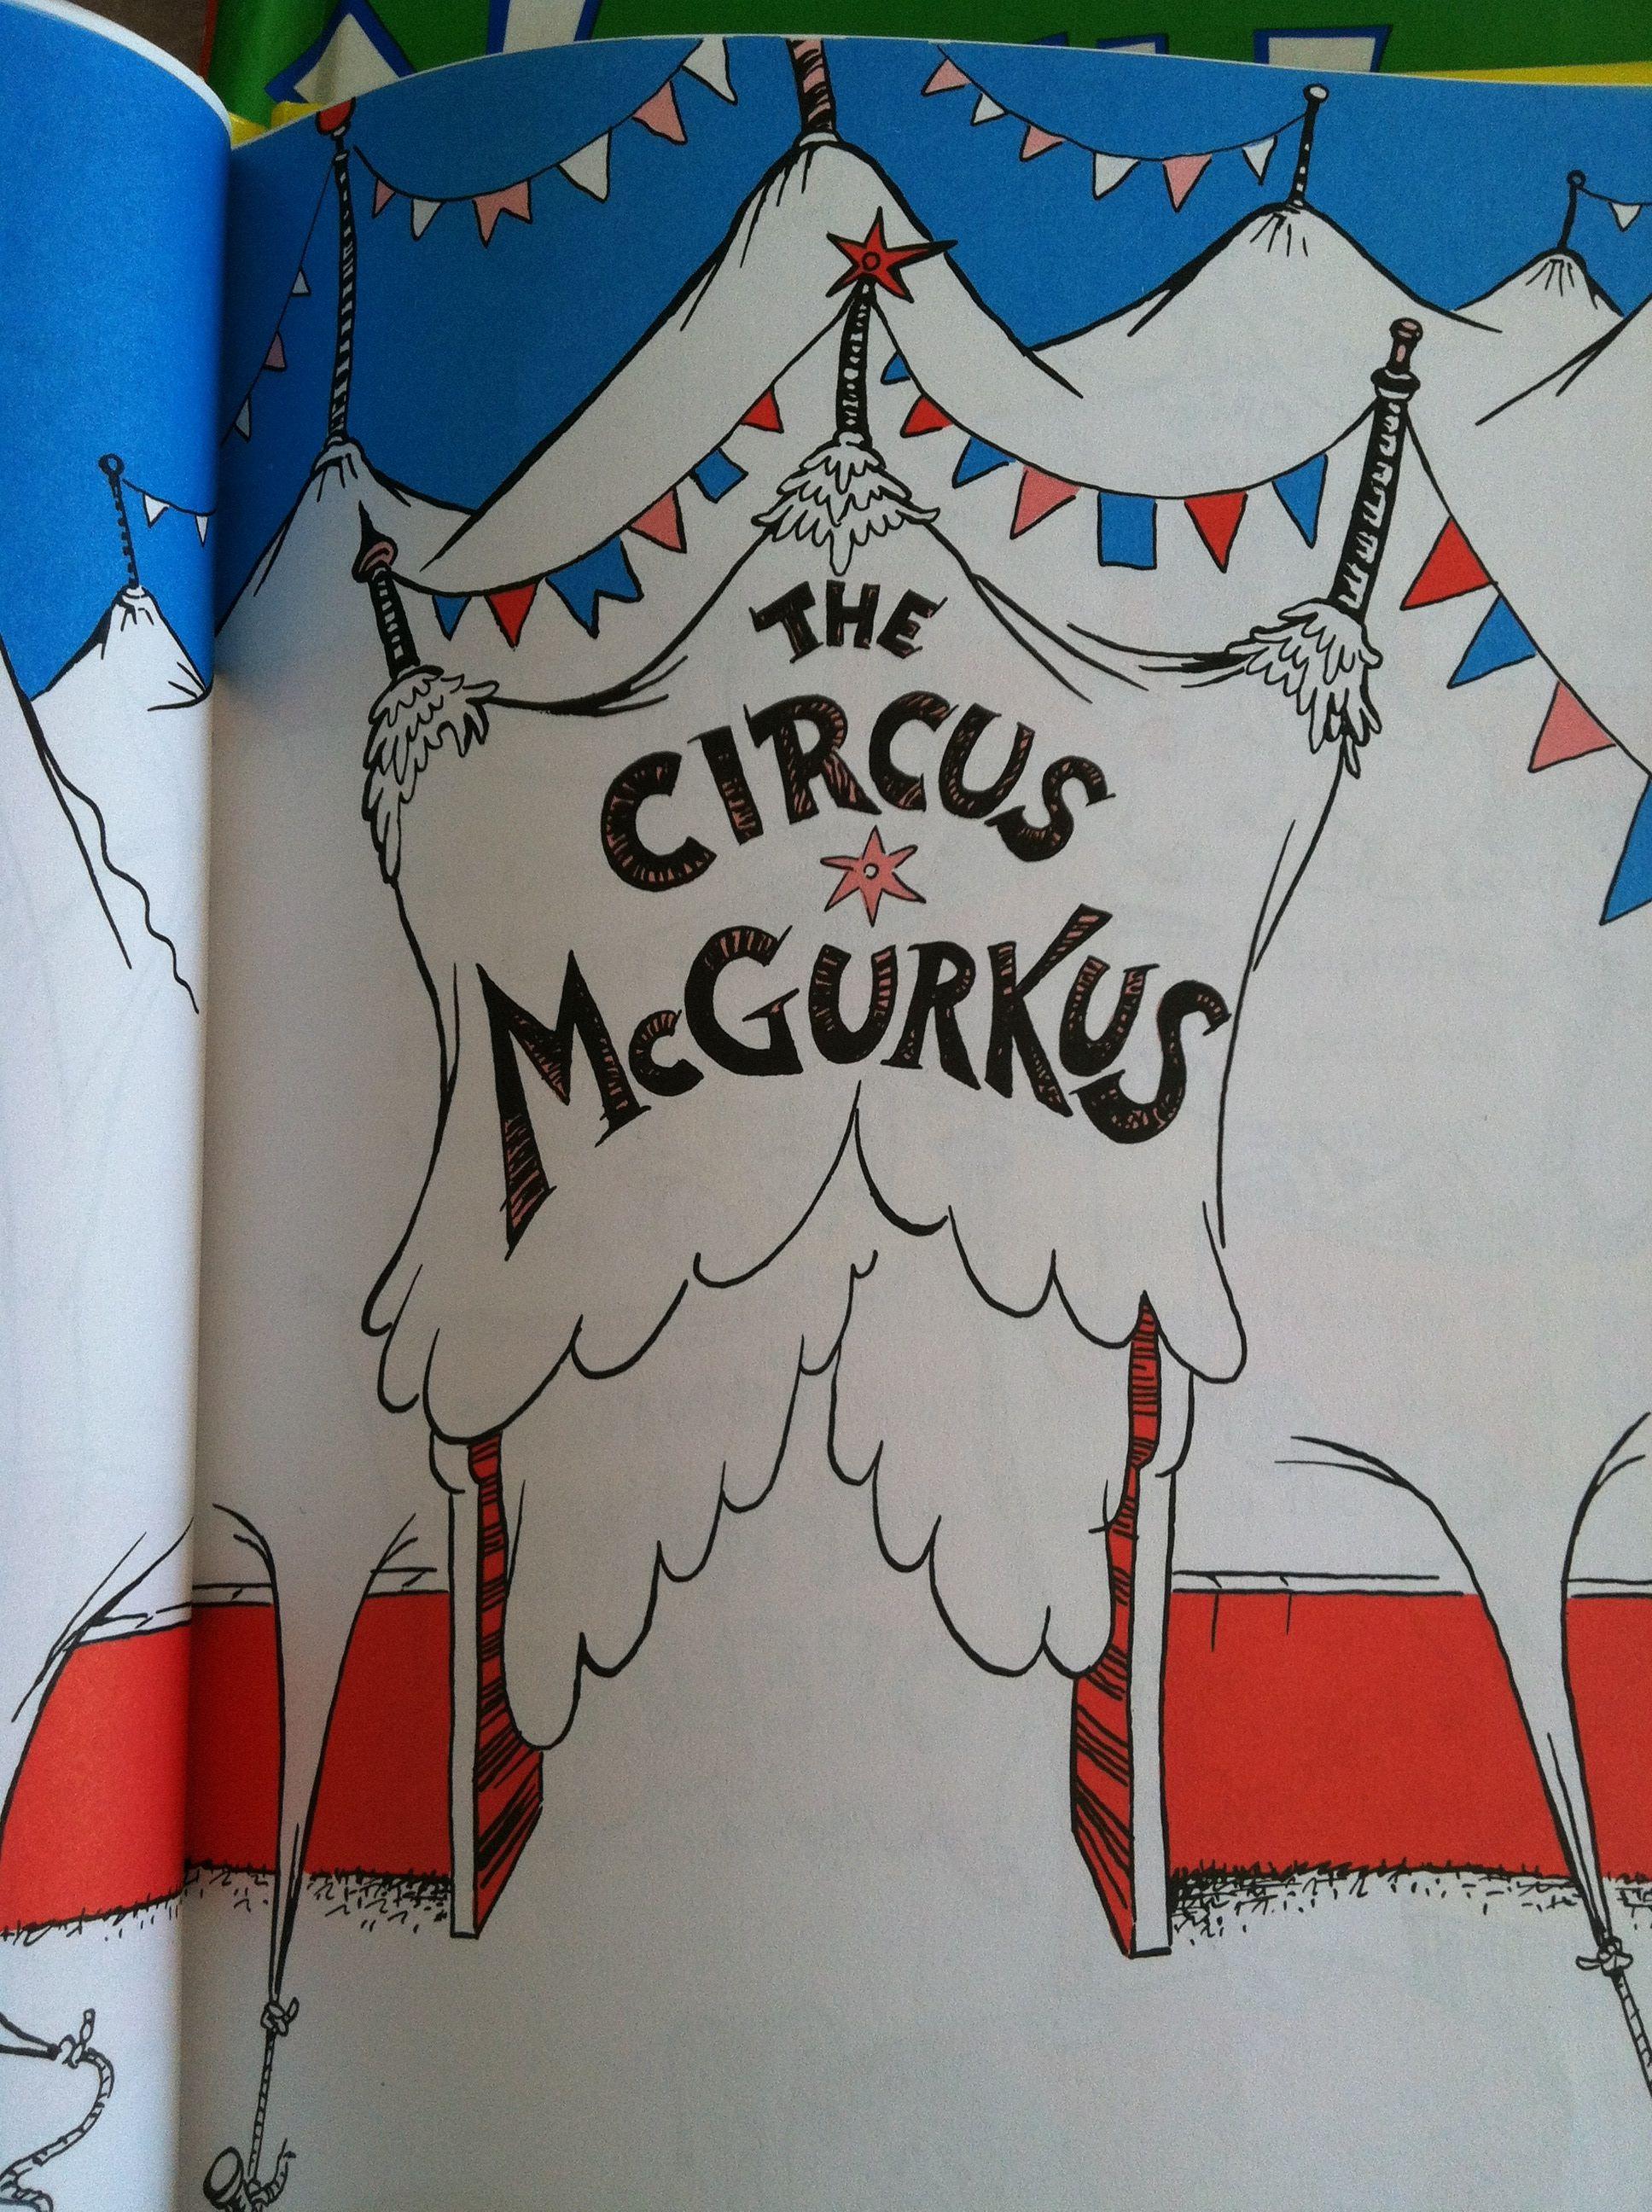 Circus McGurkus, The - The Circus McGurkus